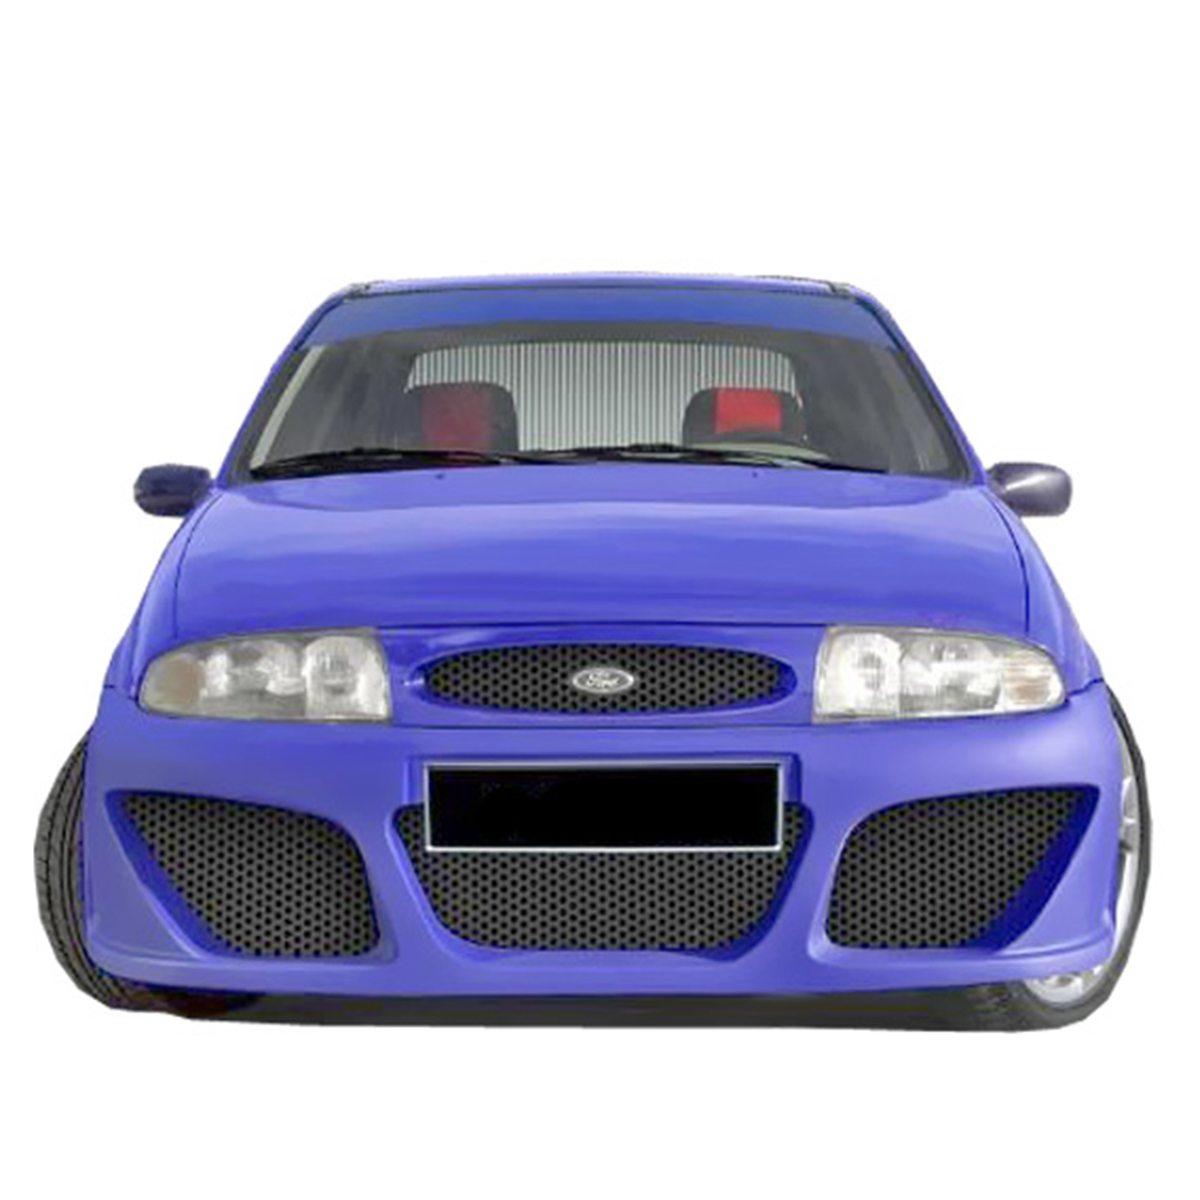 Ford-Fiesta-96-T-REX-Frt-PCS075